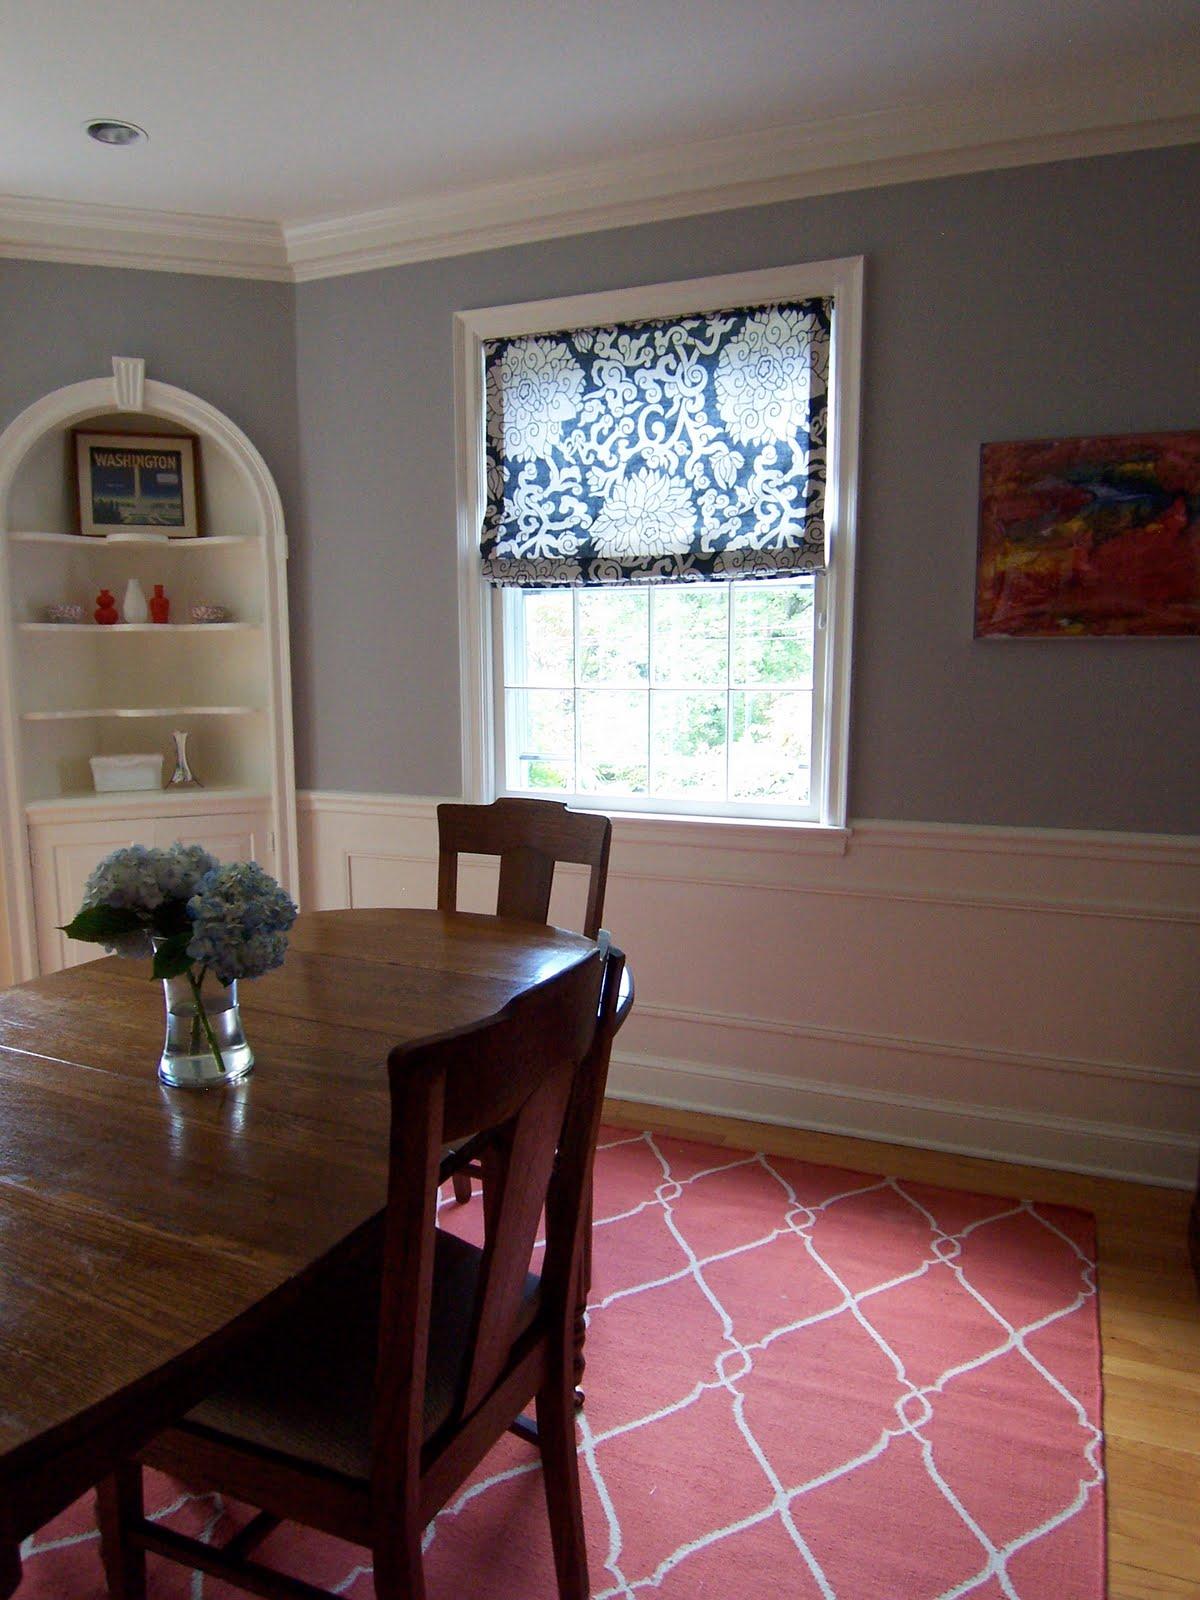 Cheerful gray dining room Benjamin Moores AC28 Smoke Embers  bossy color Annie Elliott